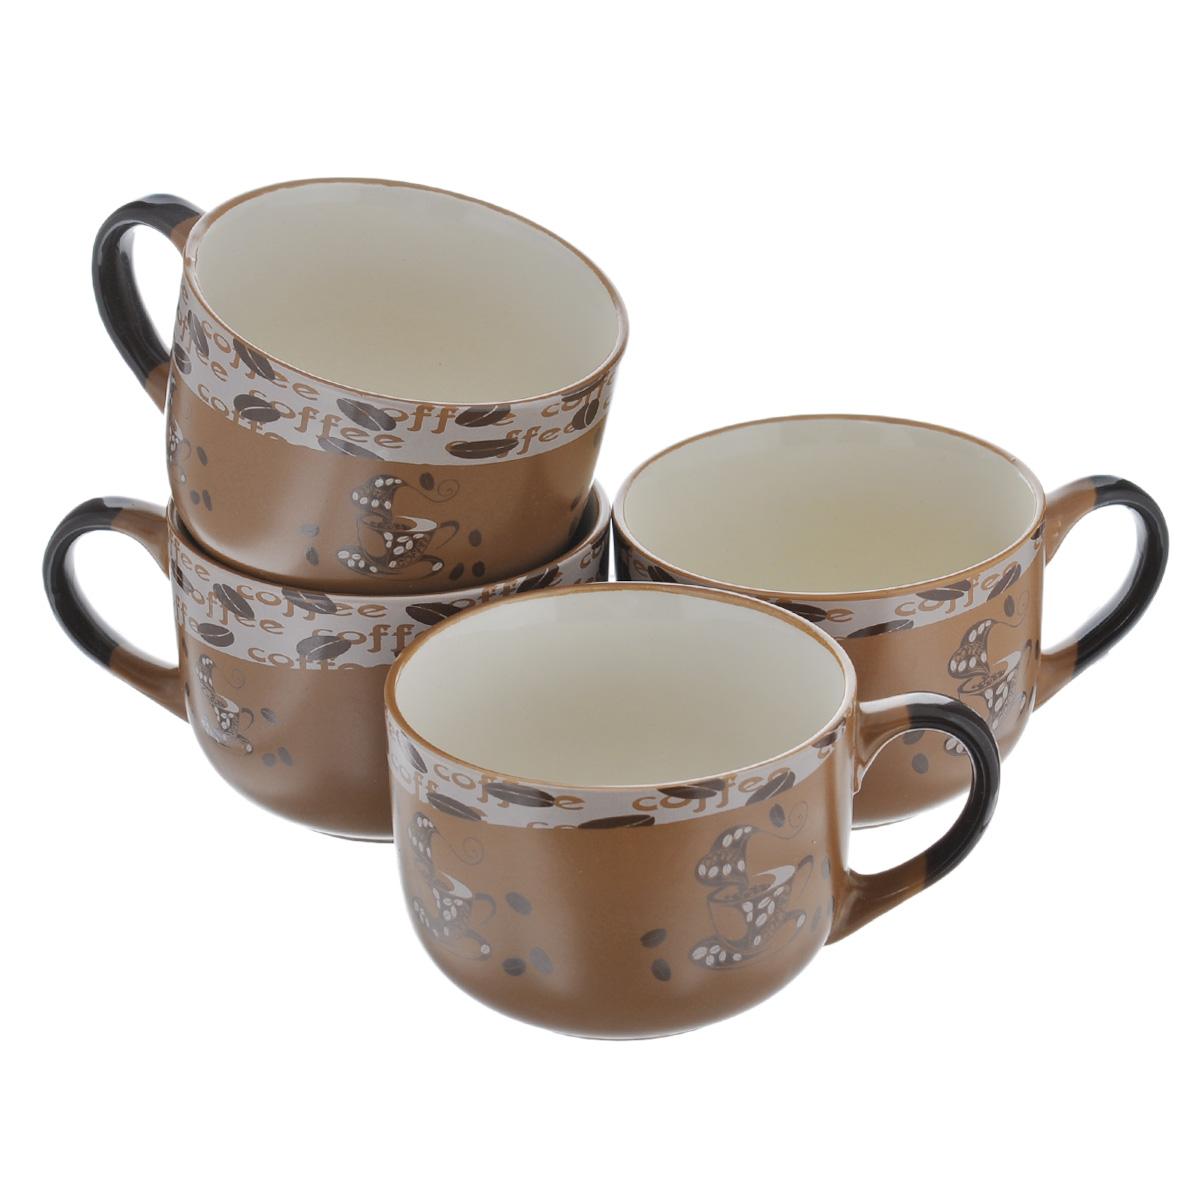 Набор супниц Loraine, цвет: коричневый, 650 мл, 4 шт23552Набор Loraine состоит из четырех супниц, выполненных из высококачественной глазурованной керамики. Внешняя поверхность украшена изображением чашек кофе и кофейных зерен, внутренняя поверхность - бежевого цвета. Супницы оснащены ручками. Ровная, идеально гладкая поверхность легко моется и обеспечивает длительный срок службы. Красивый и функциональный набор супниц Loraine оригинально дополнит обеденную сервировку стола и станет незаменимым на любой кухне. Подходит для подачи супов, каш, хлопьев и много другого. Диаметр (по верхнему краю): 12 см. Высота стенки супницы: 9 см.